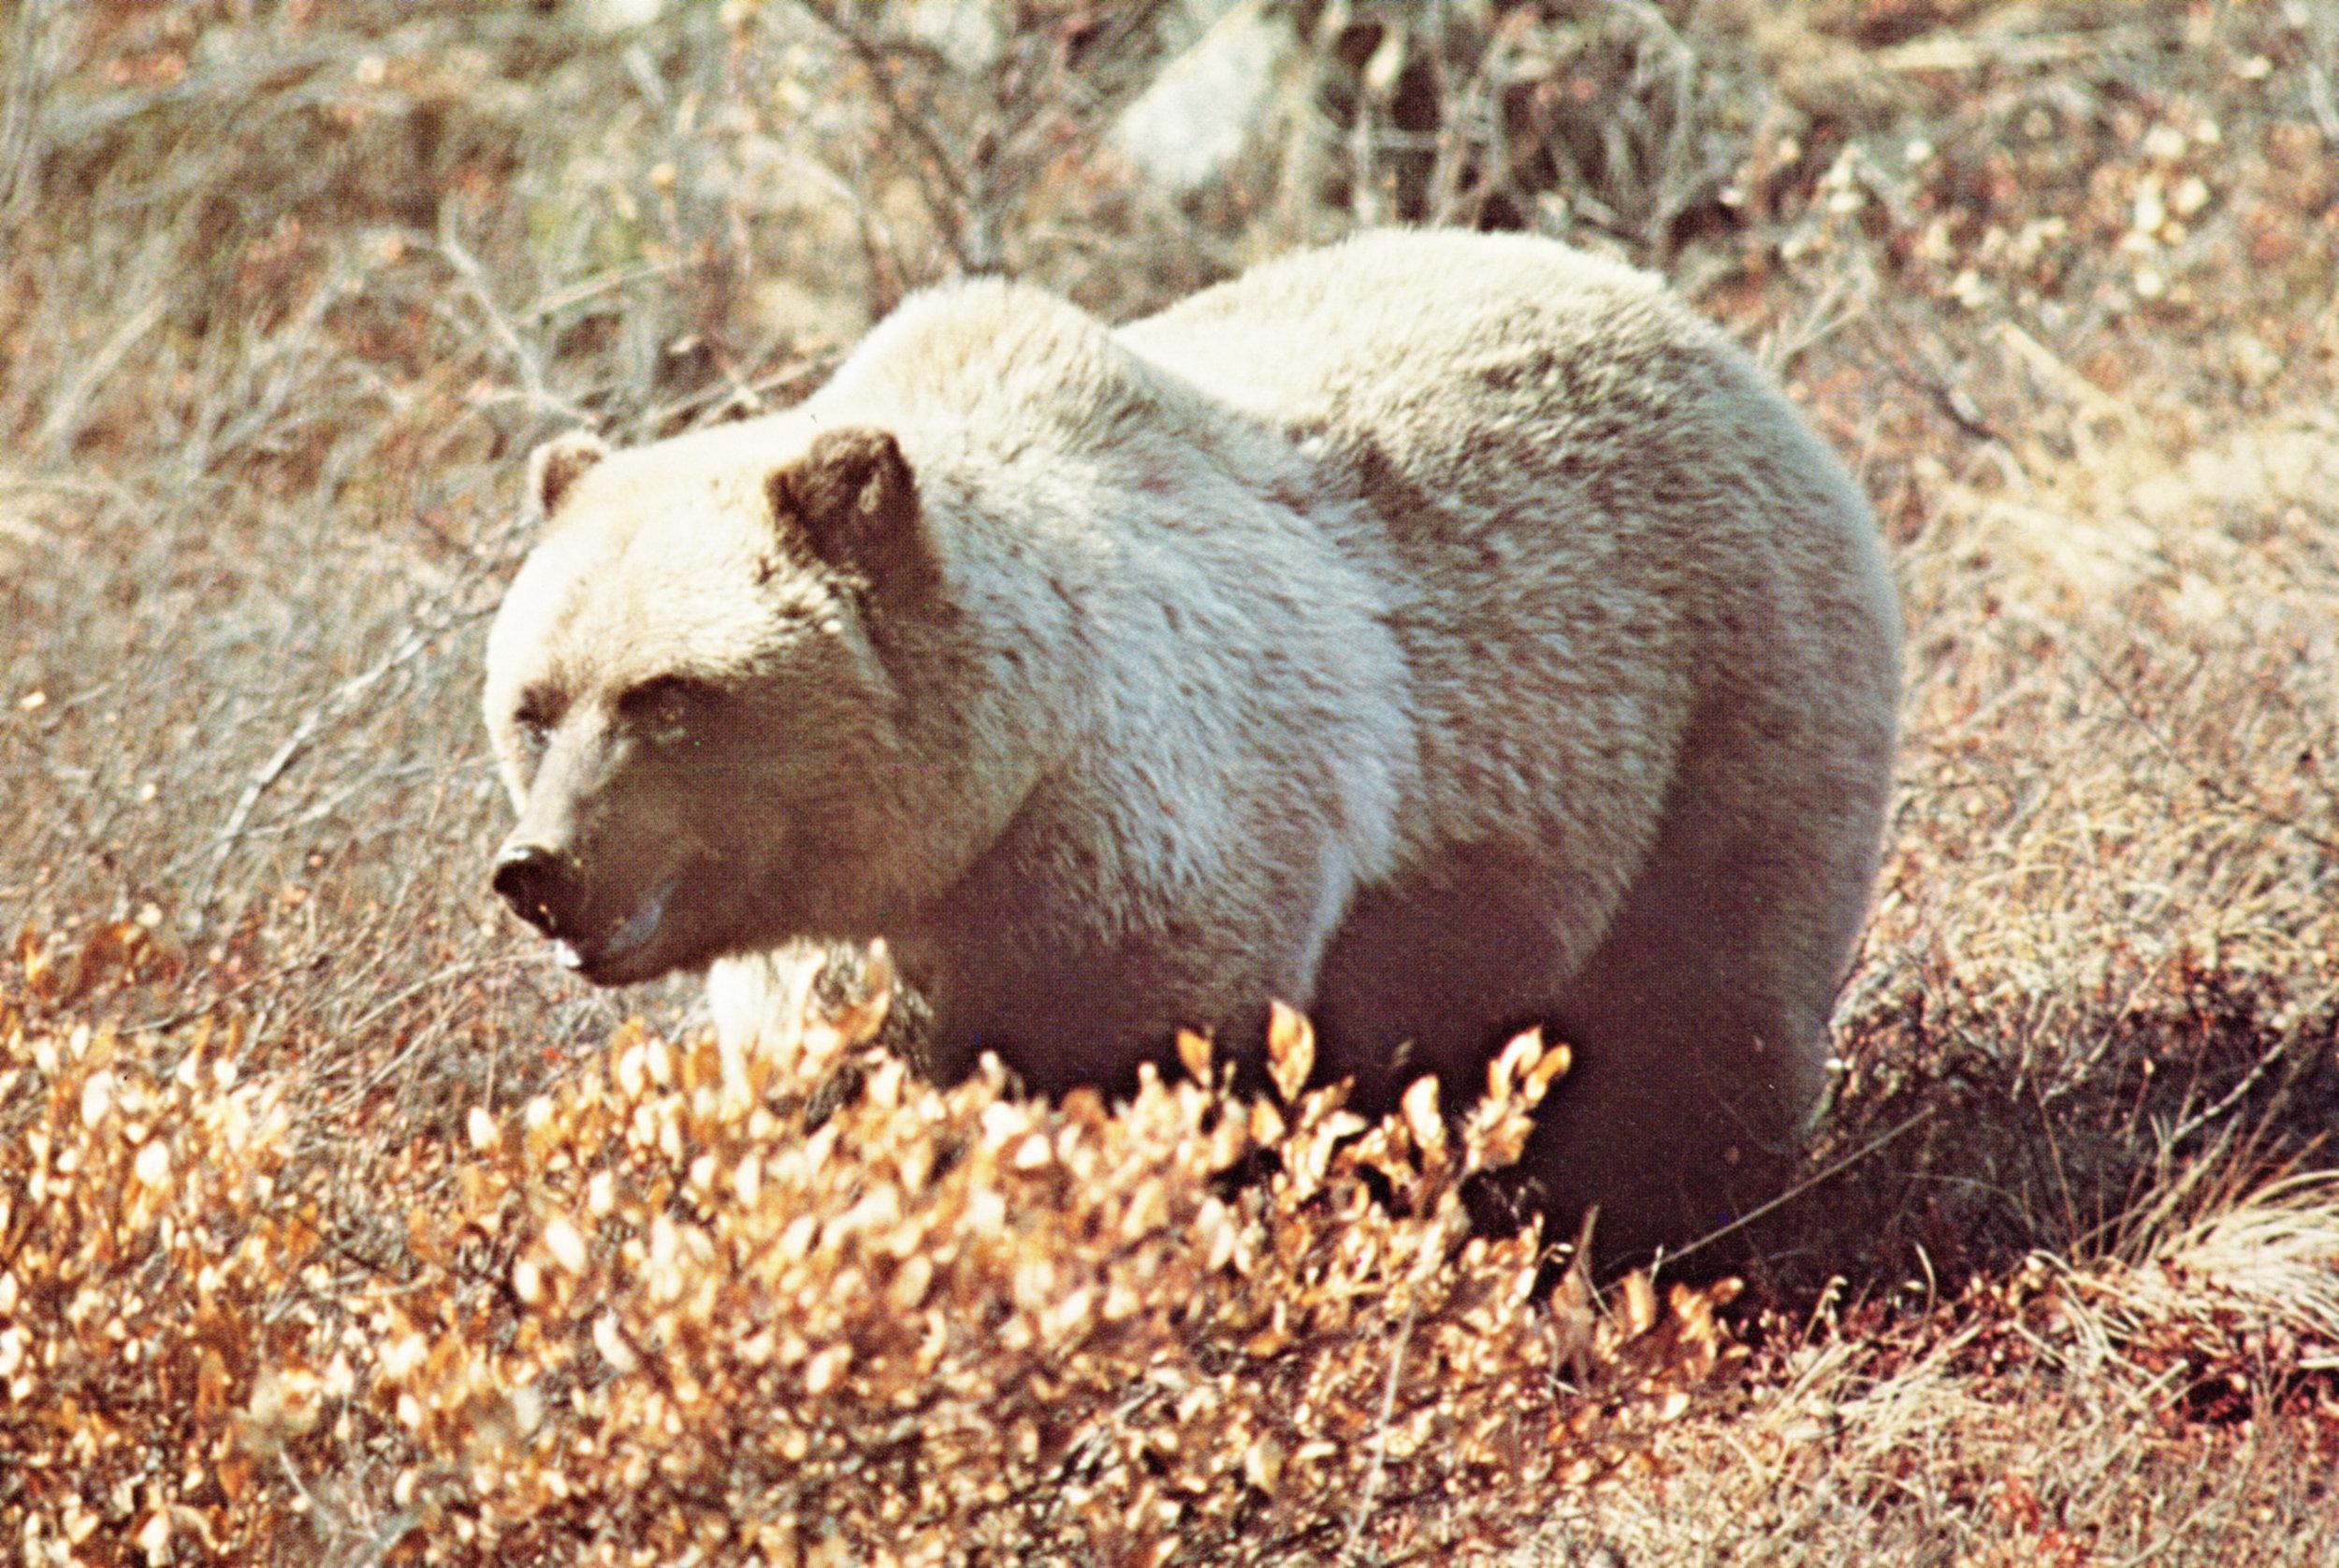 vintage North American wildlife photos